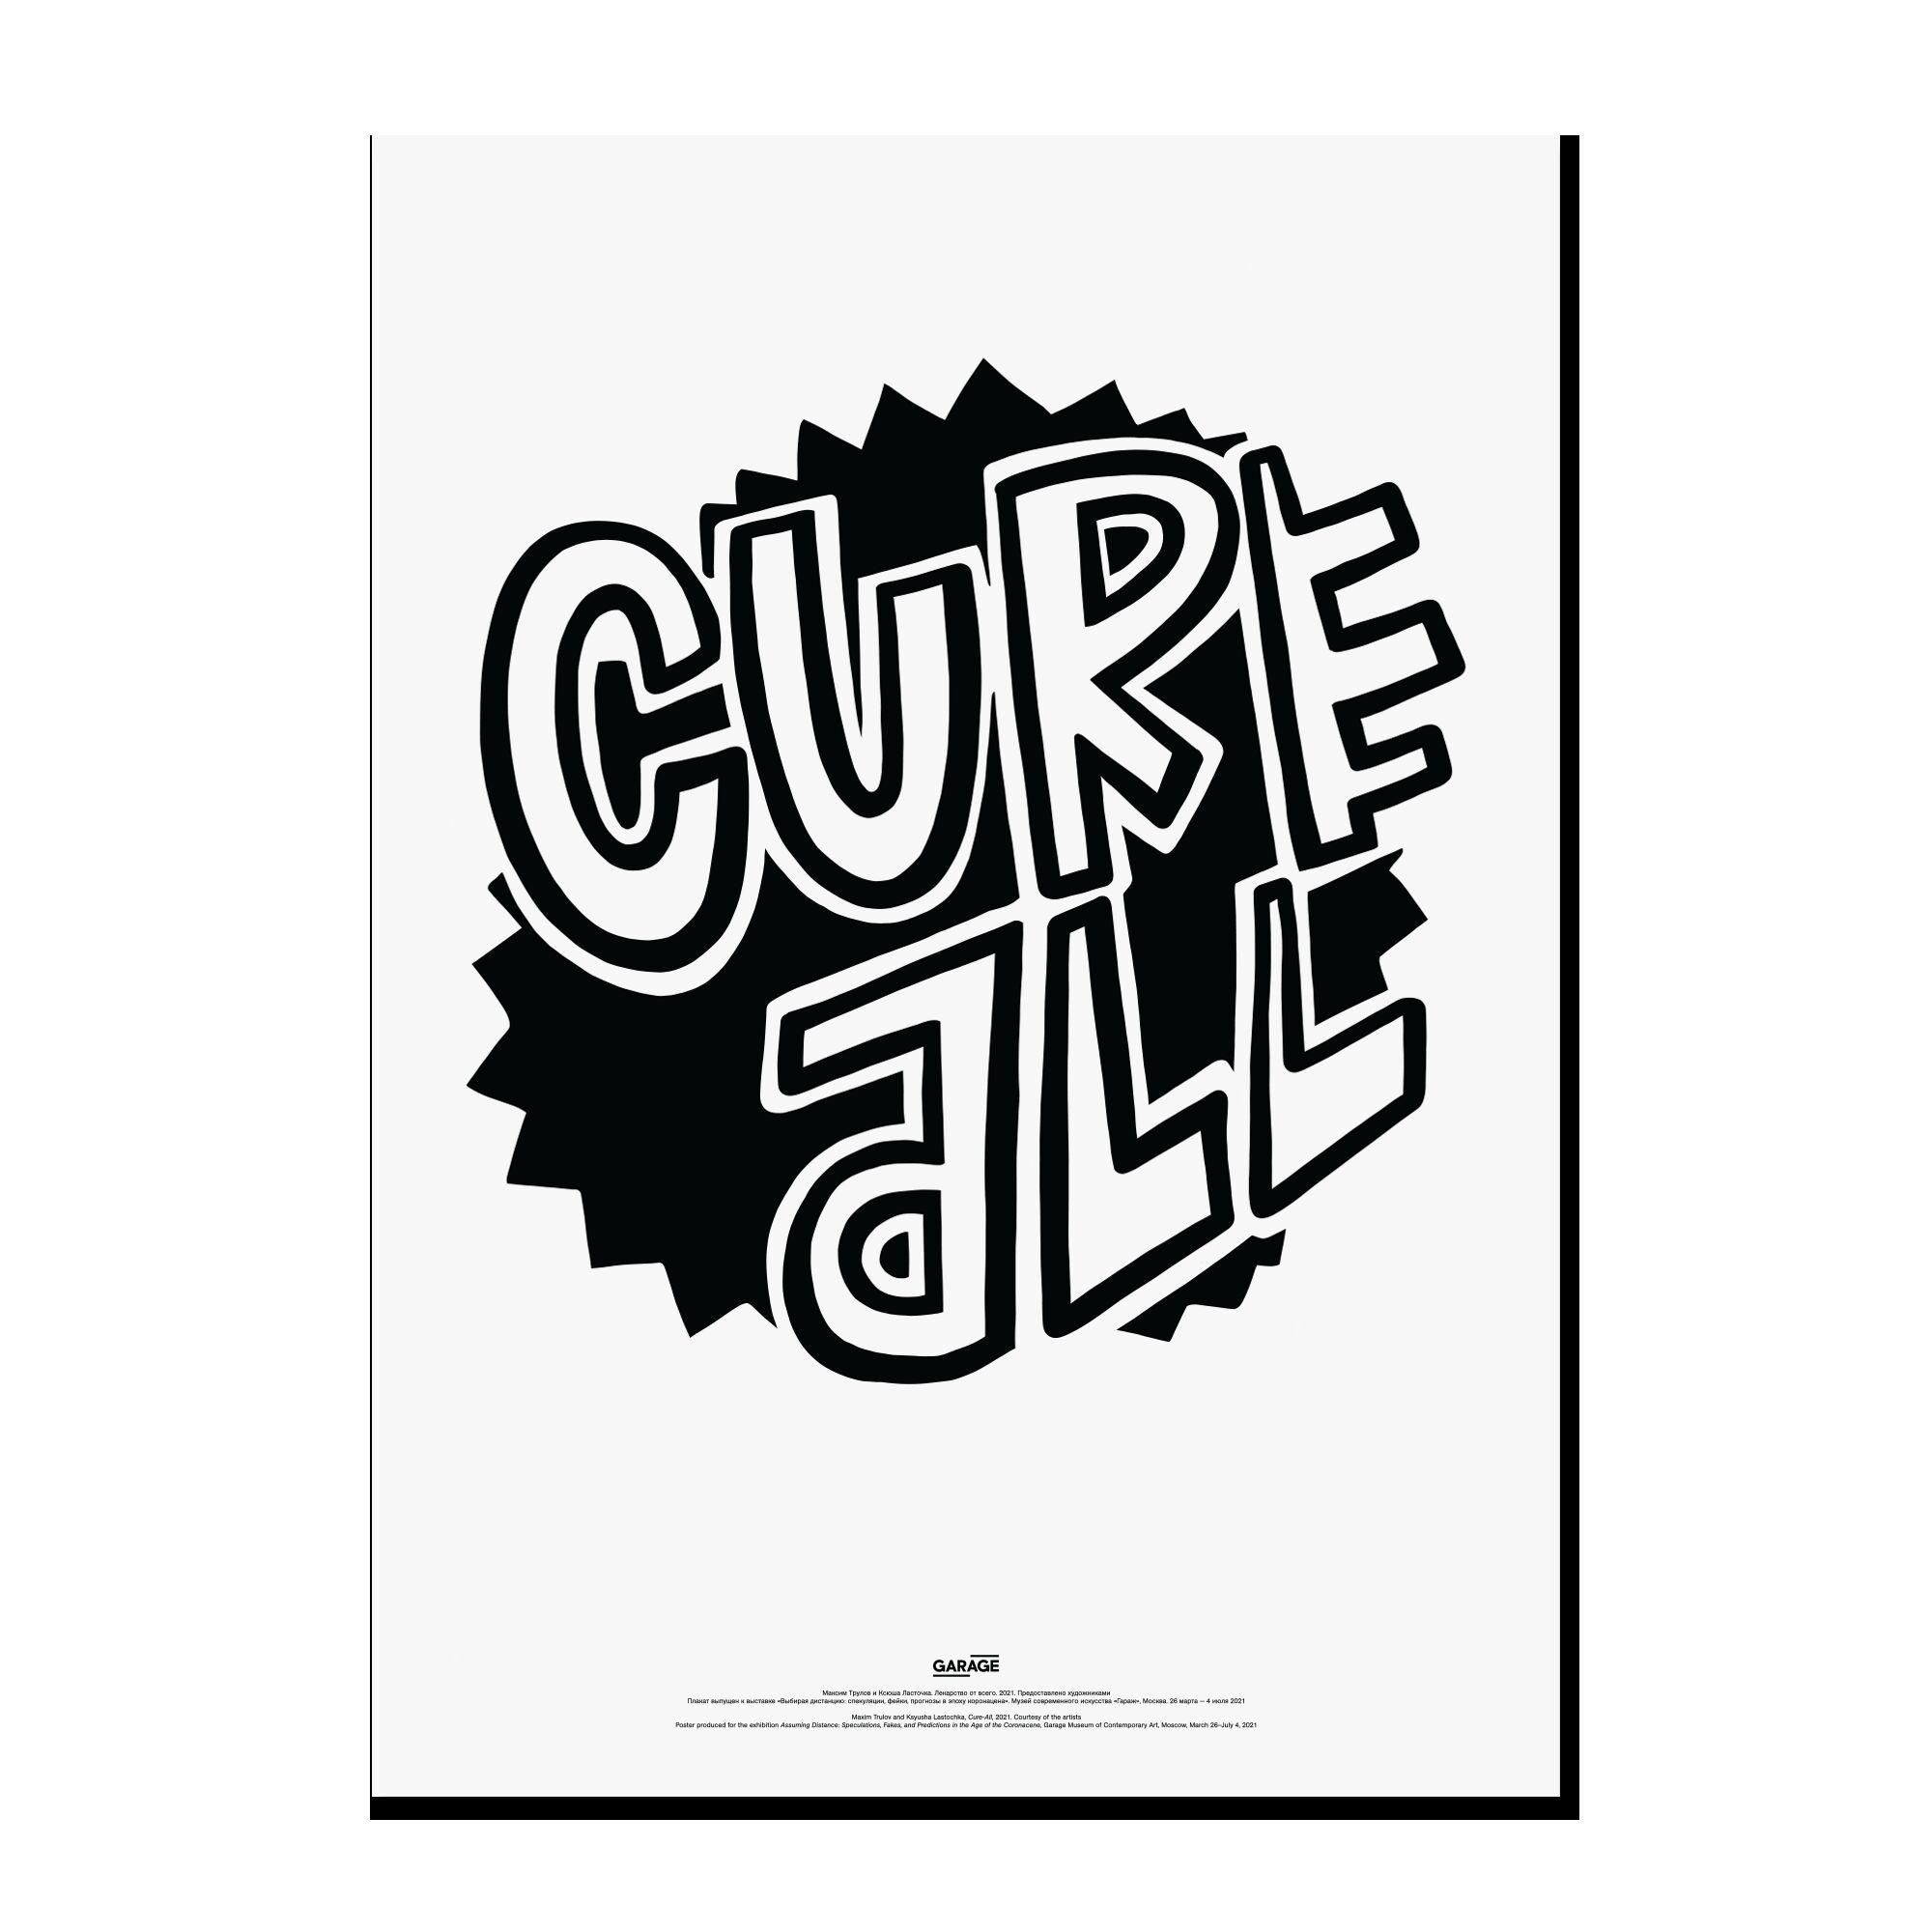 Cure-All poster, design: Maxim Trulov and Ksyusha Lastochka